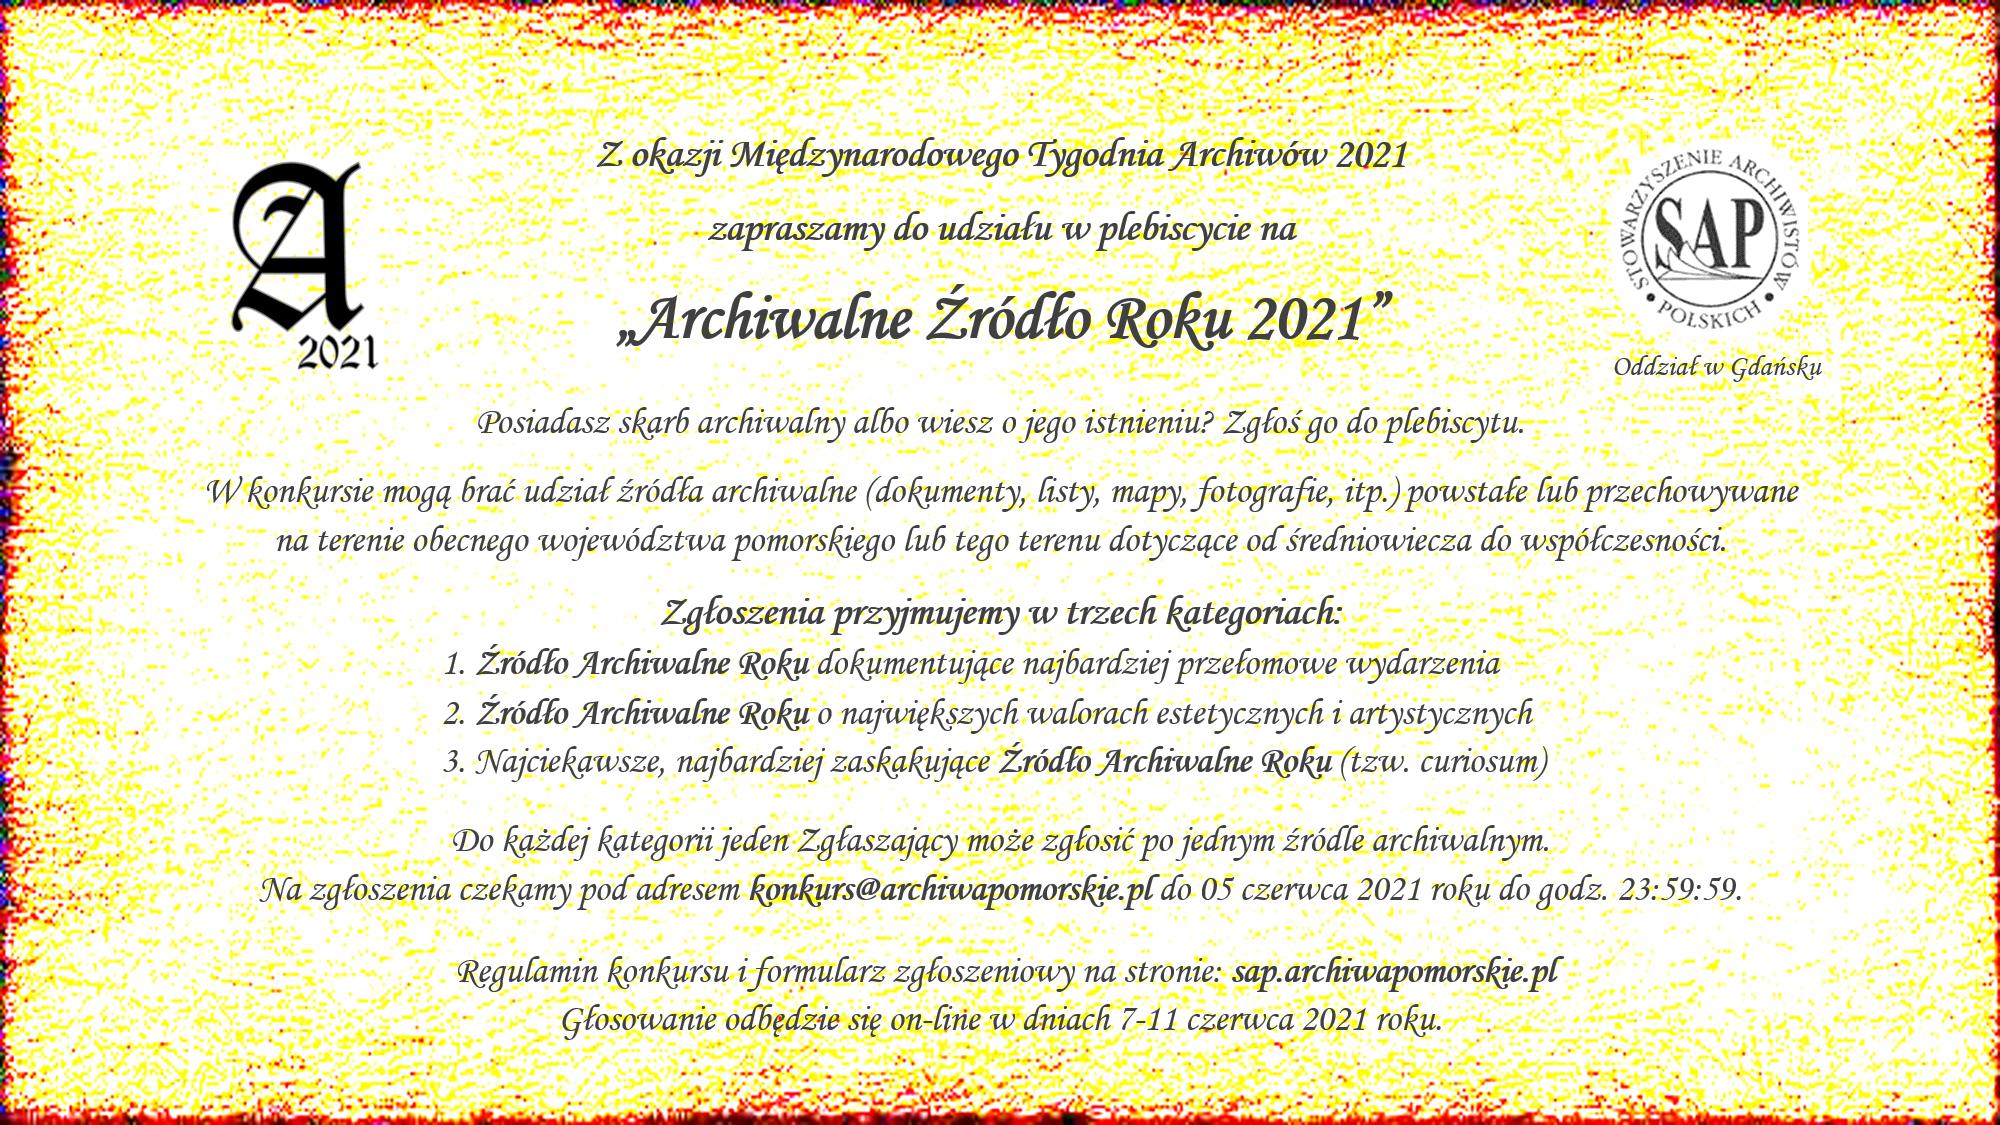 plakat plebiscytu archiwalne źródło roku 2021